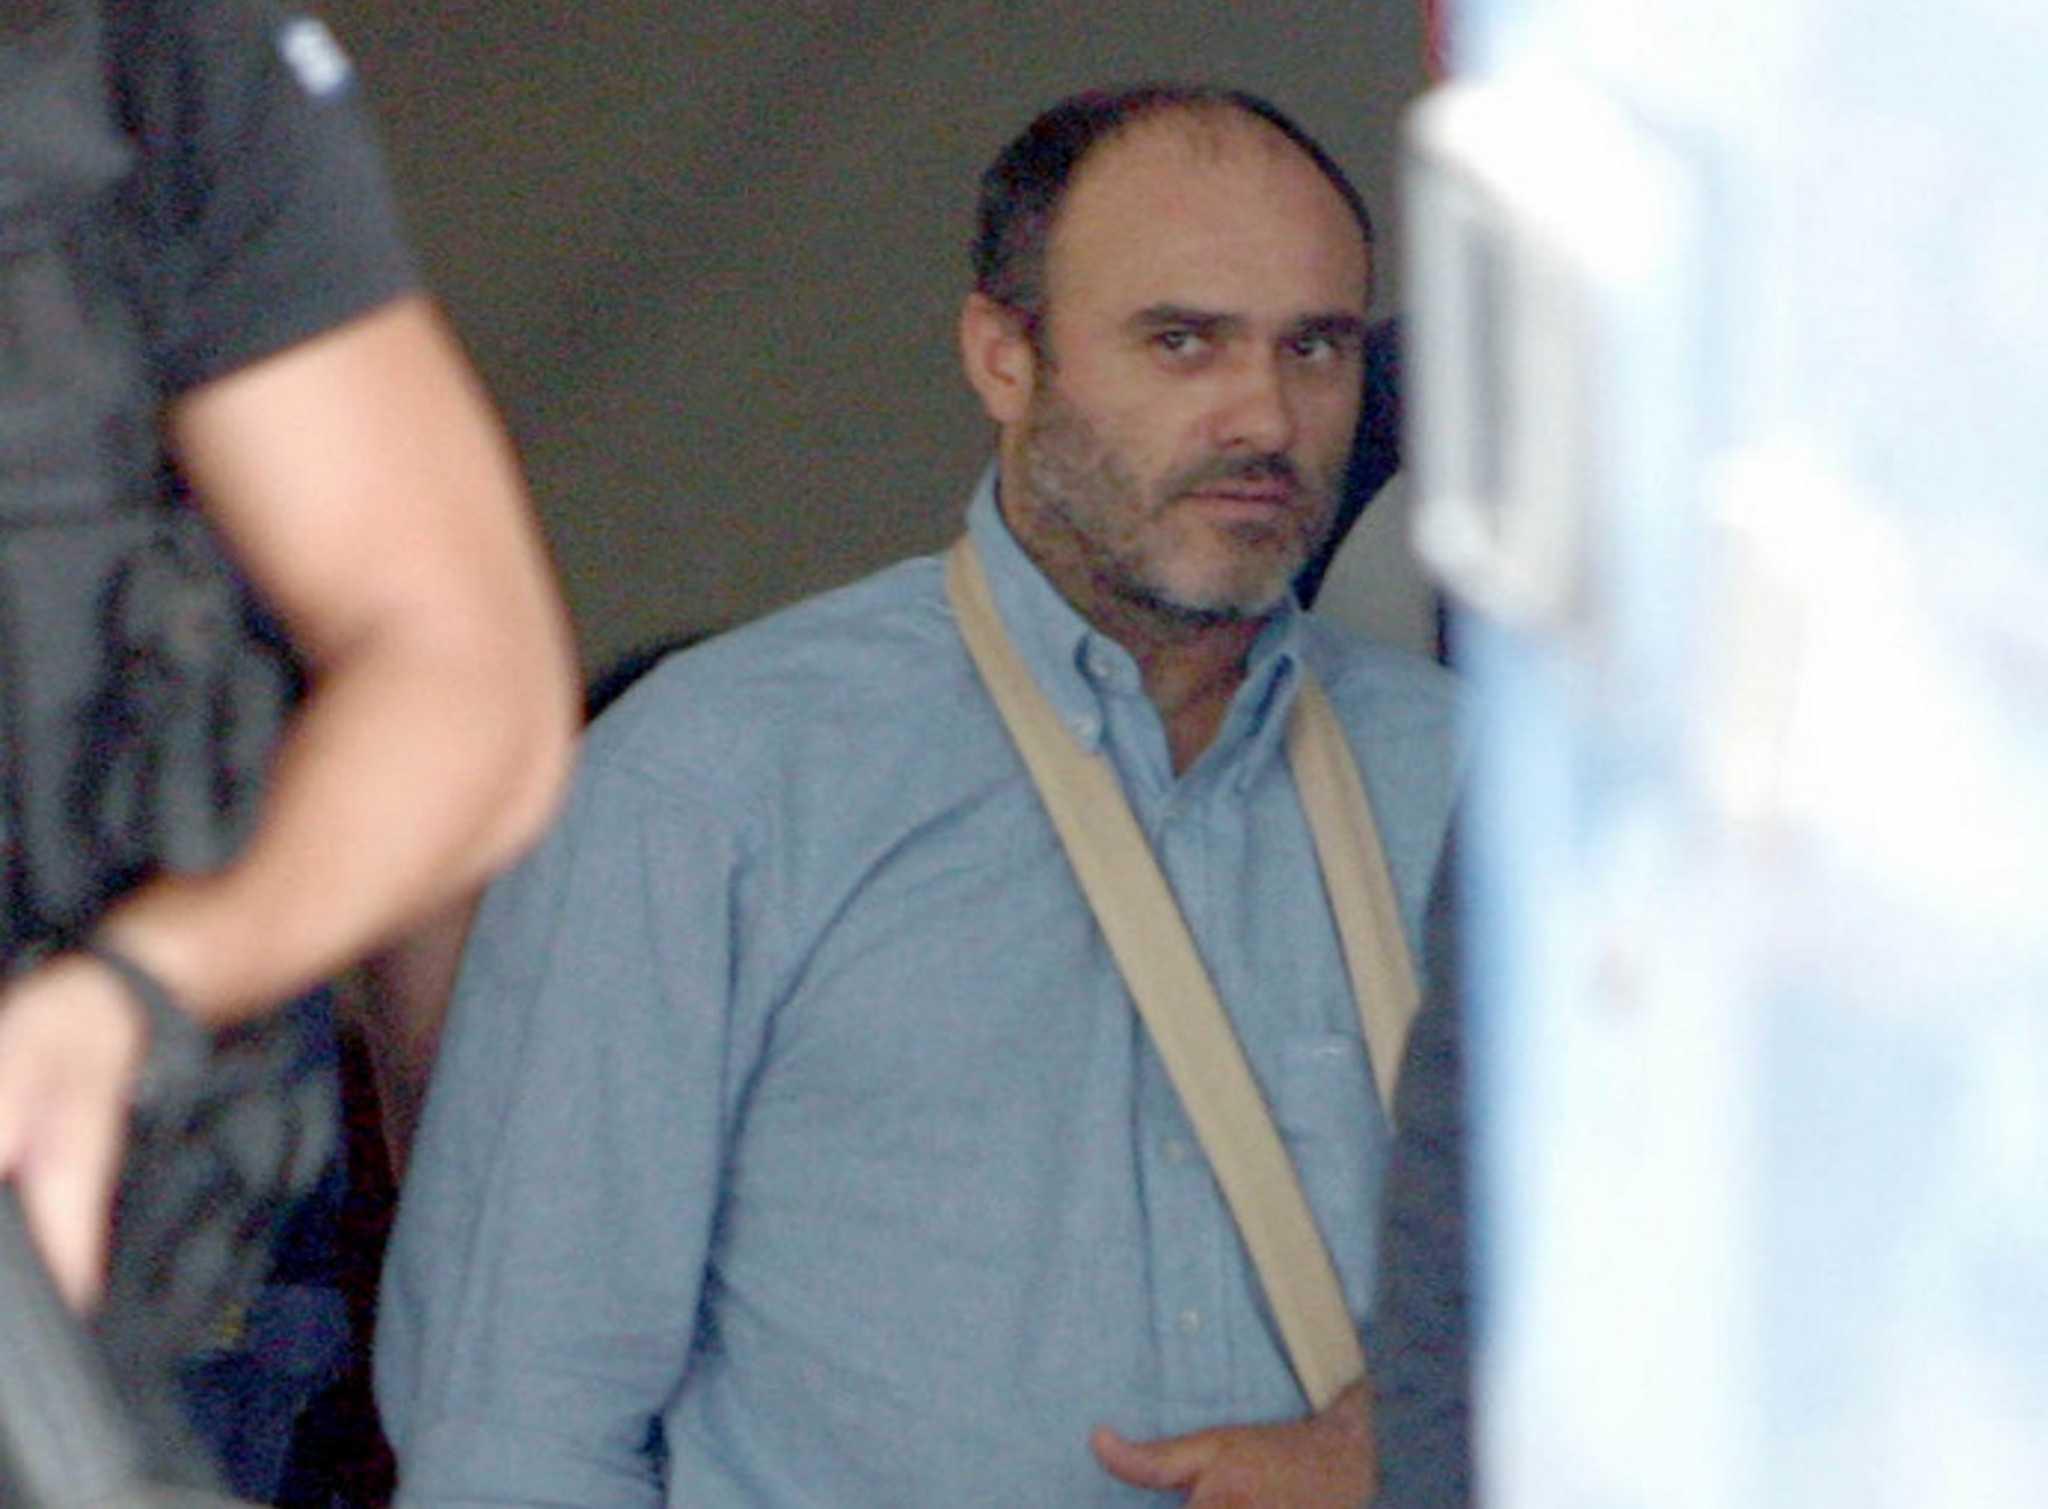 Αποφυλακίζεται ο Νίκος Παλαιοκώστας – Το σκεπτικό της απόφασης